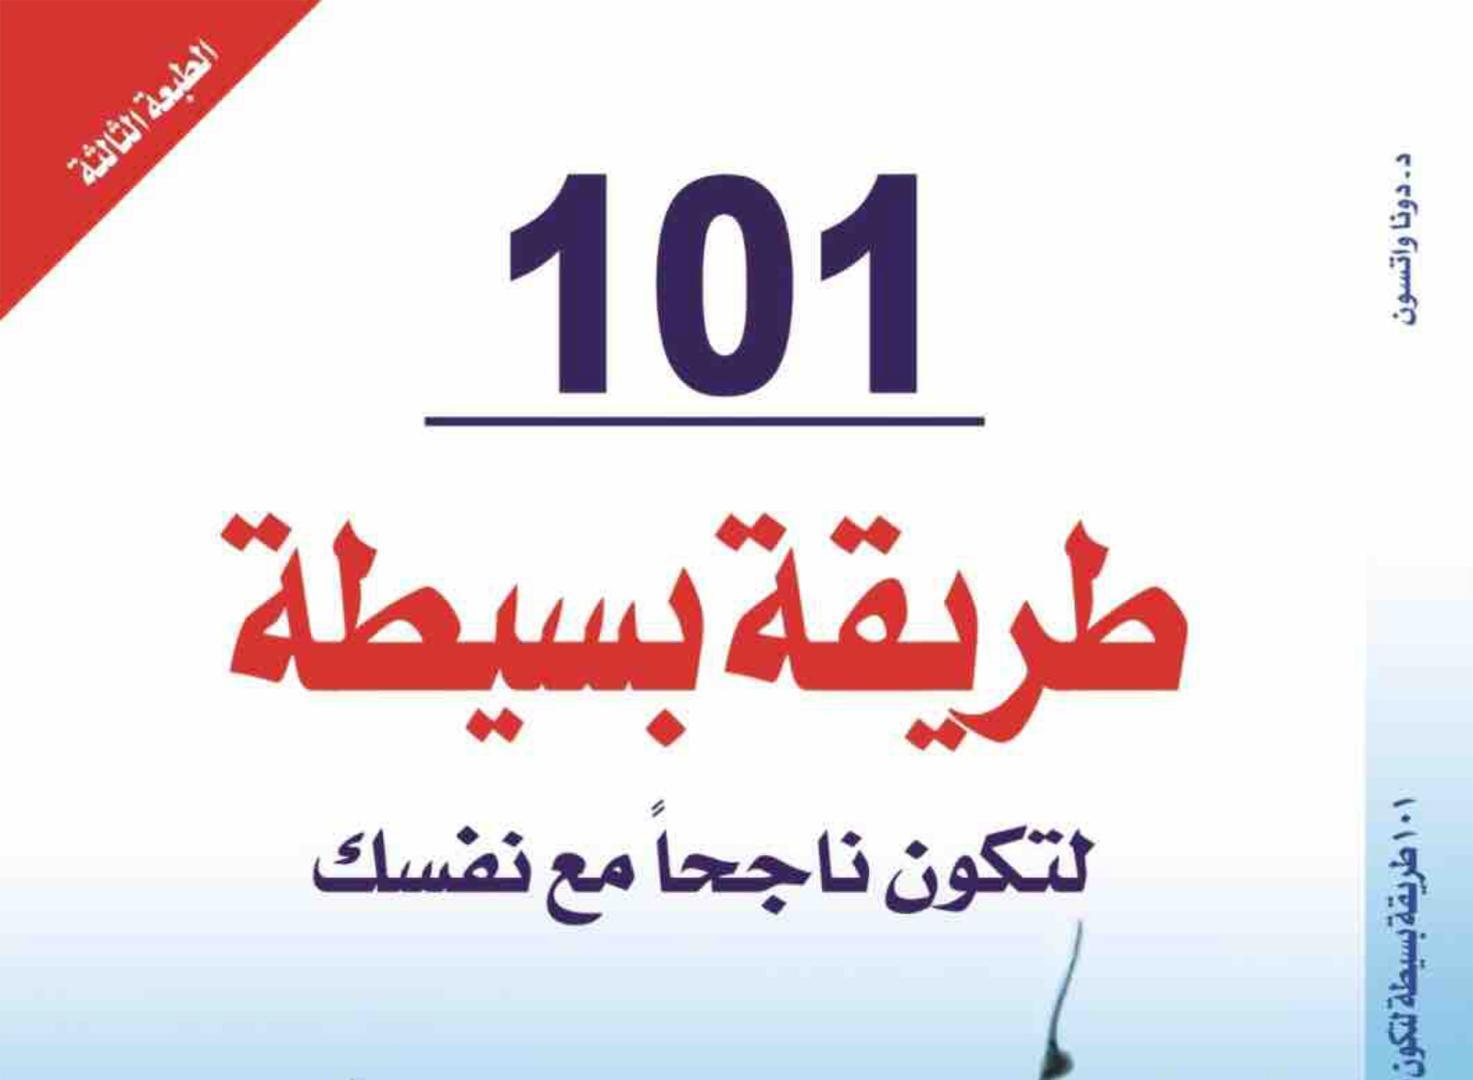 تطبيق تحميل كتاب 101 طريقة بسيطة لتكون ناجحًا مع نفسك